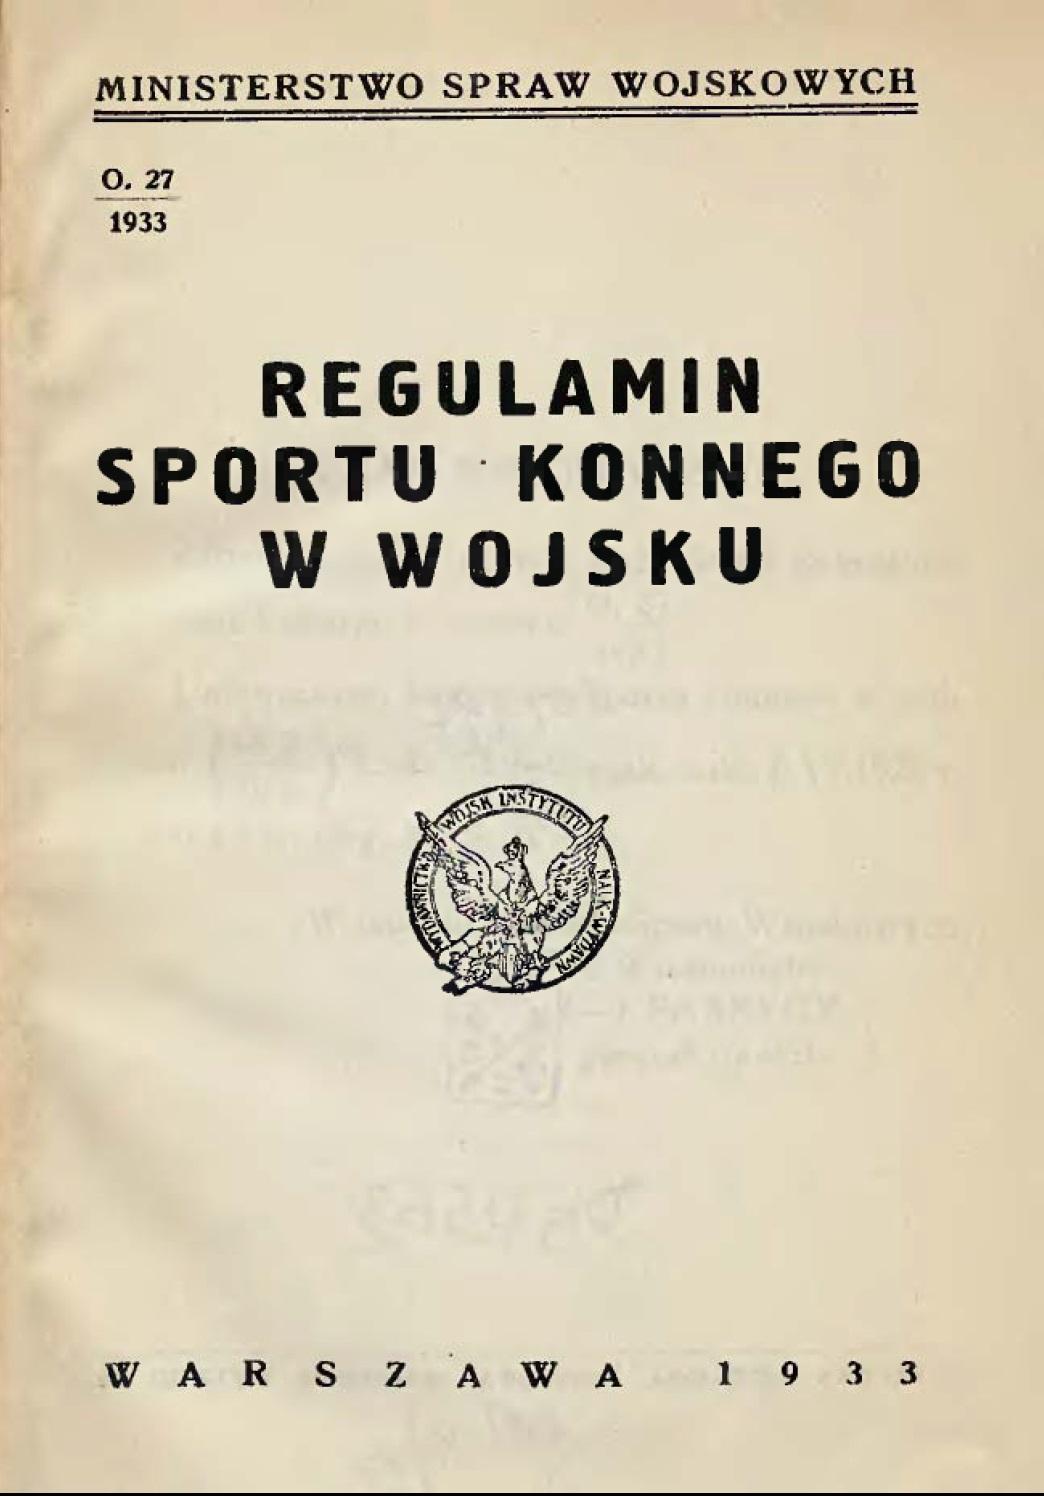 Regulamin sportu konnego w wojsku